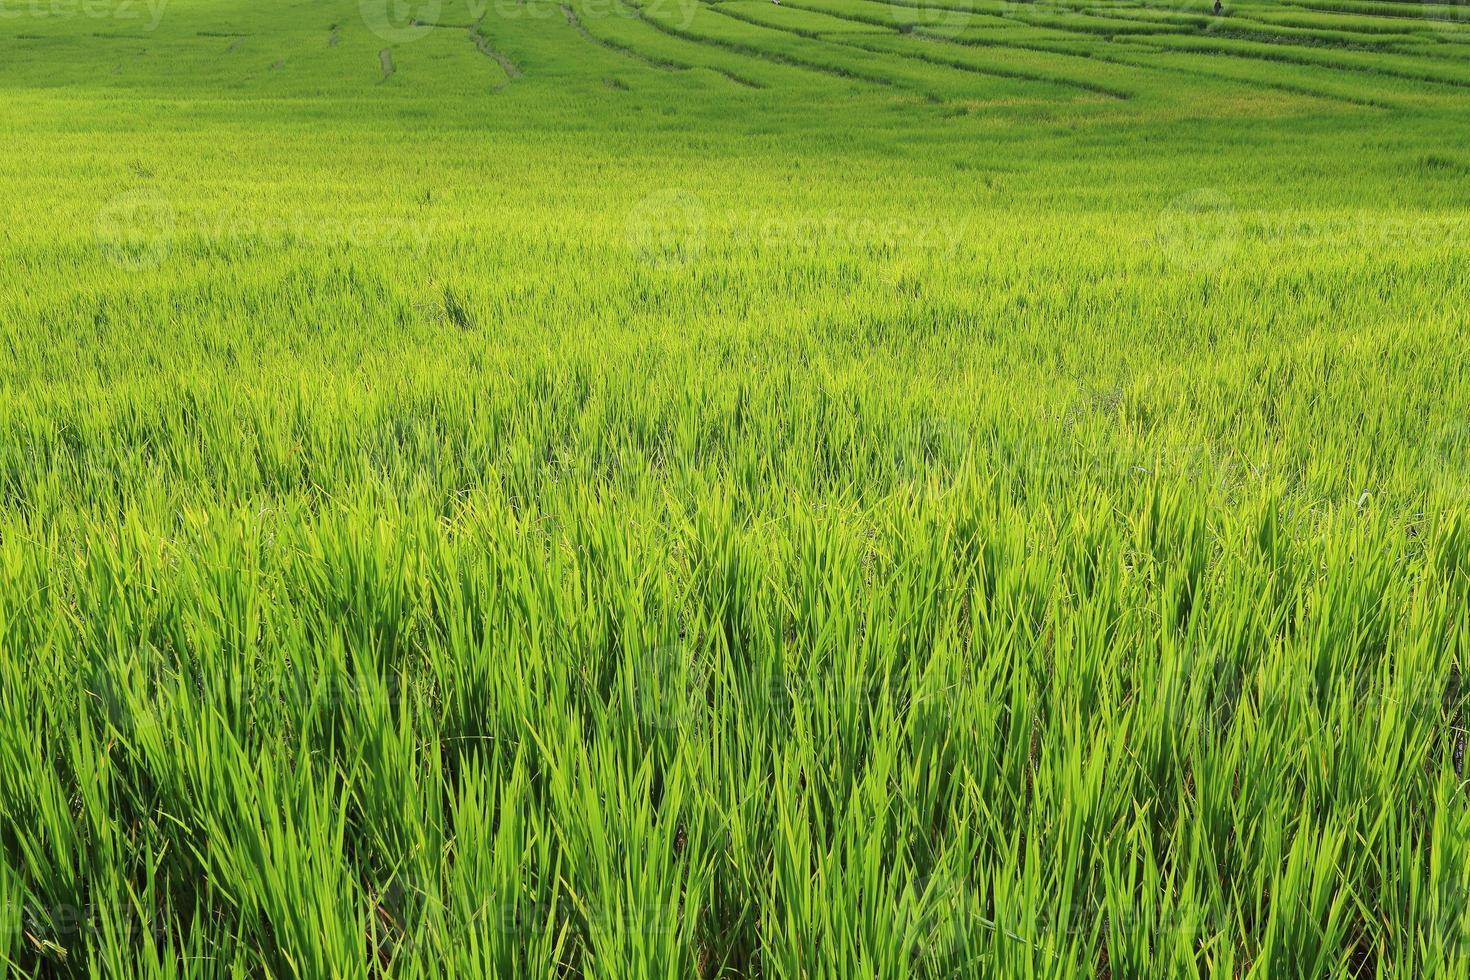 Terrasse grüne Reisfelder der Landwirtschaftssaison foto